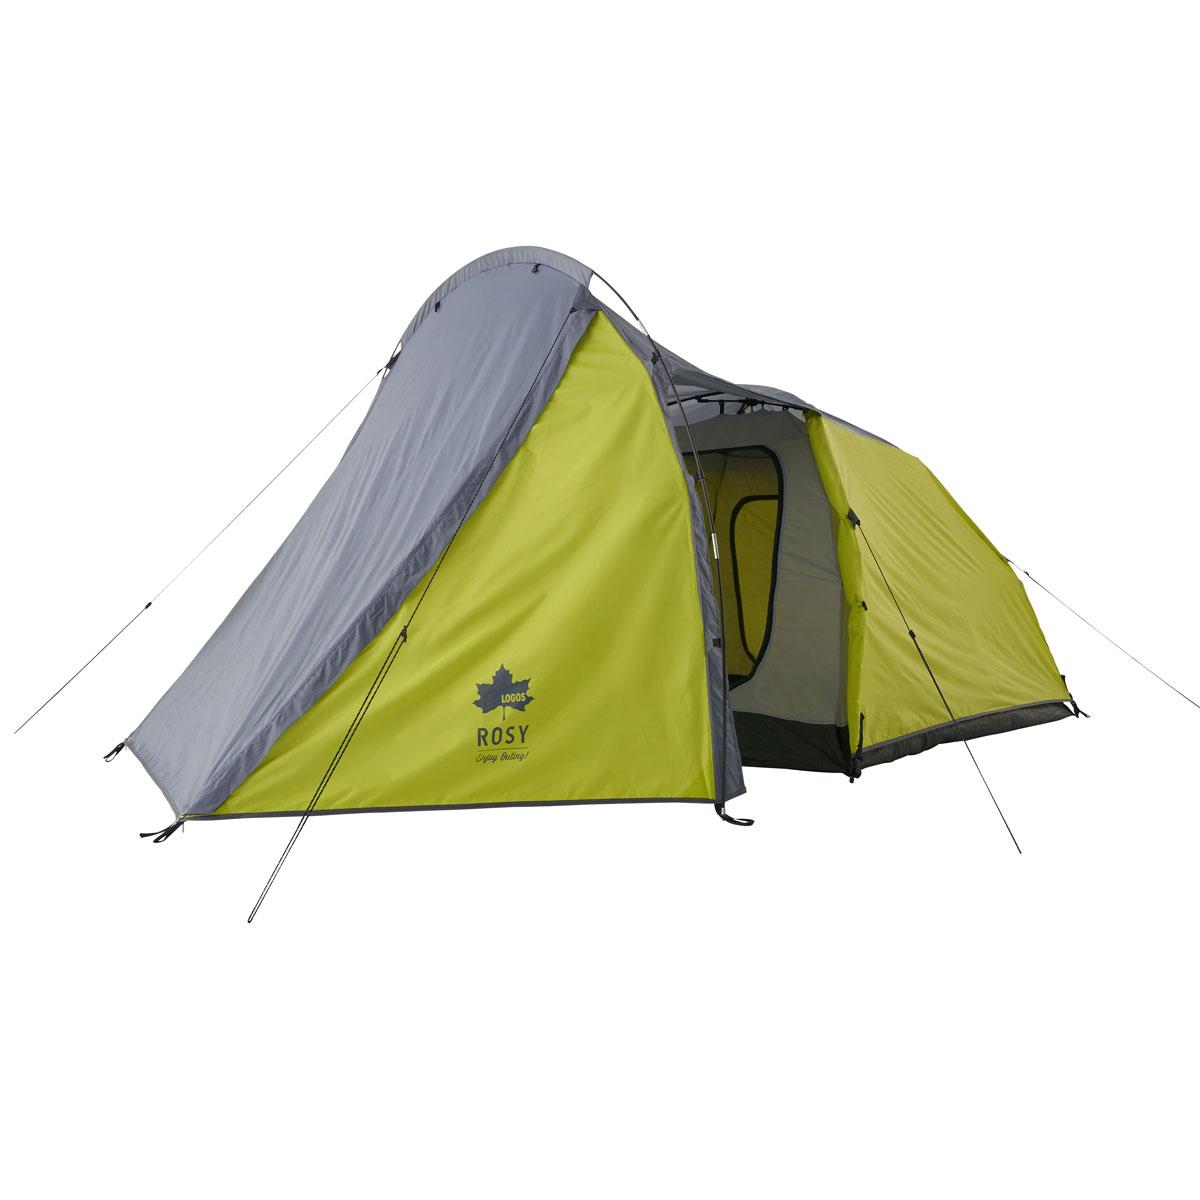 ロゴス(LOGOS) キャンプ用テント(3~5人用) ROSY Q-TOP リビング L-BJ 71805562 テント タープ キャンプ用テント キャンプ アウトドア